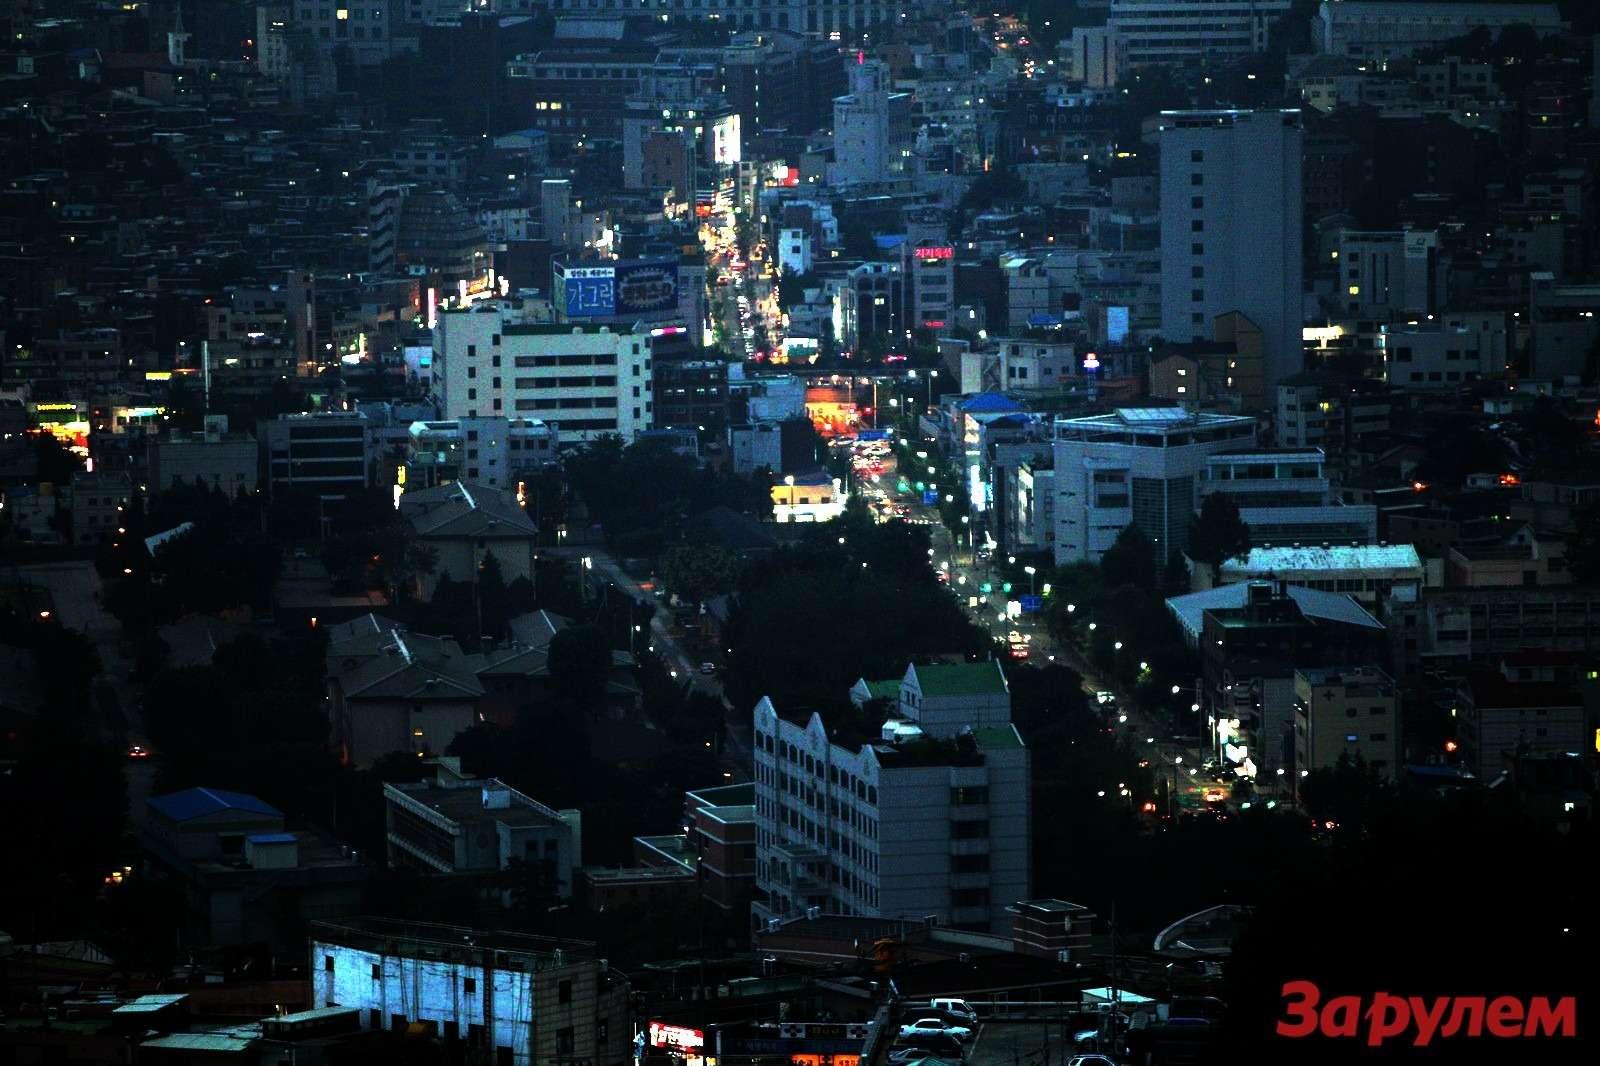 В Сеуле быстро темнеет. Буквально за20минут становится сказочно красиво.